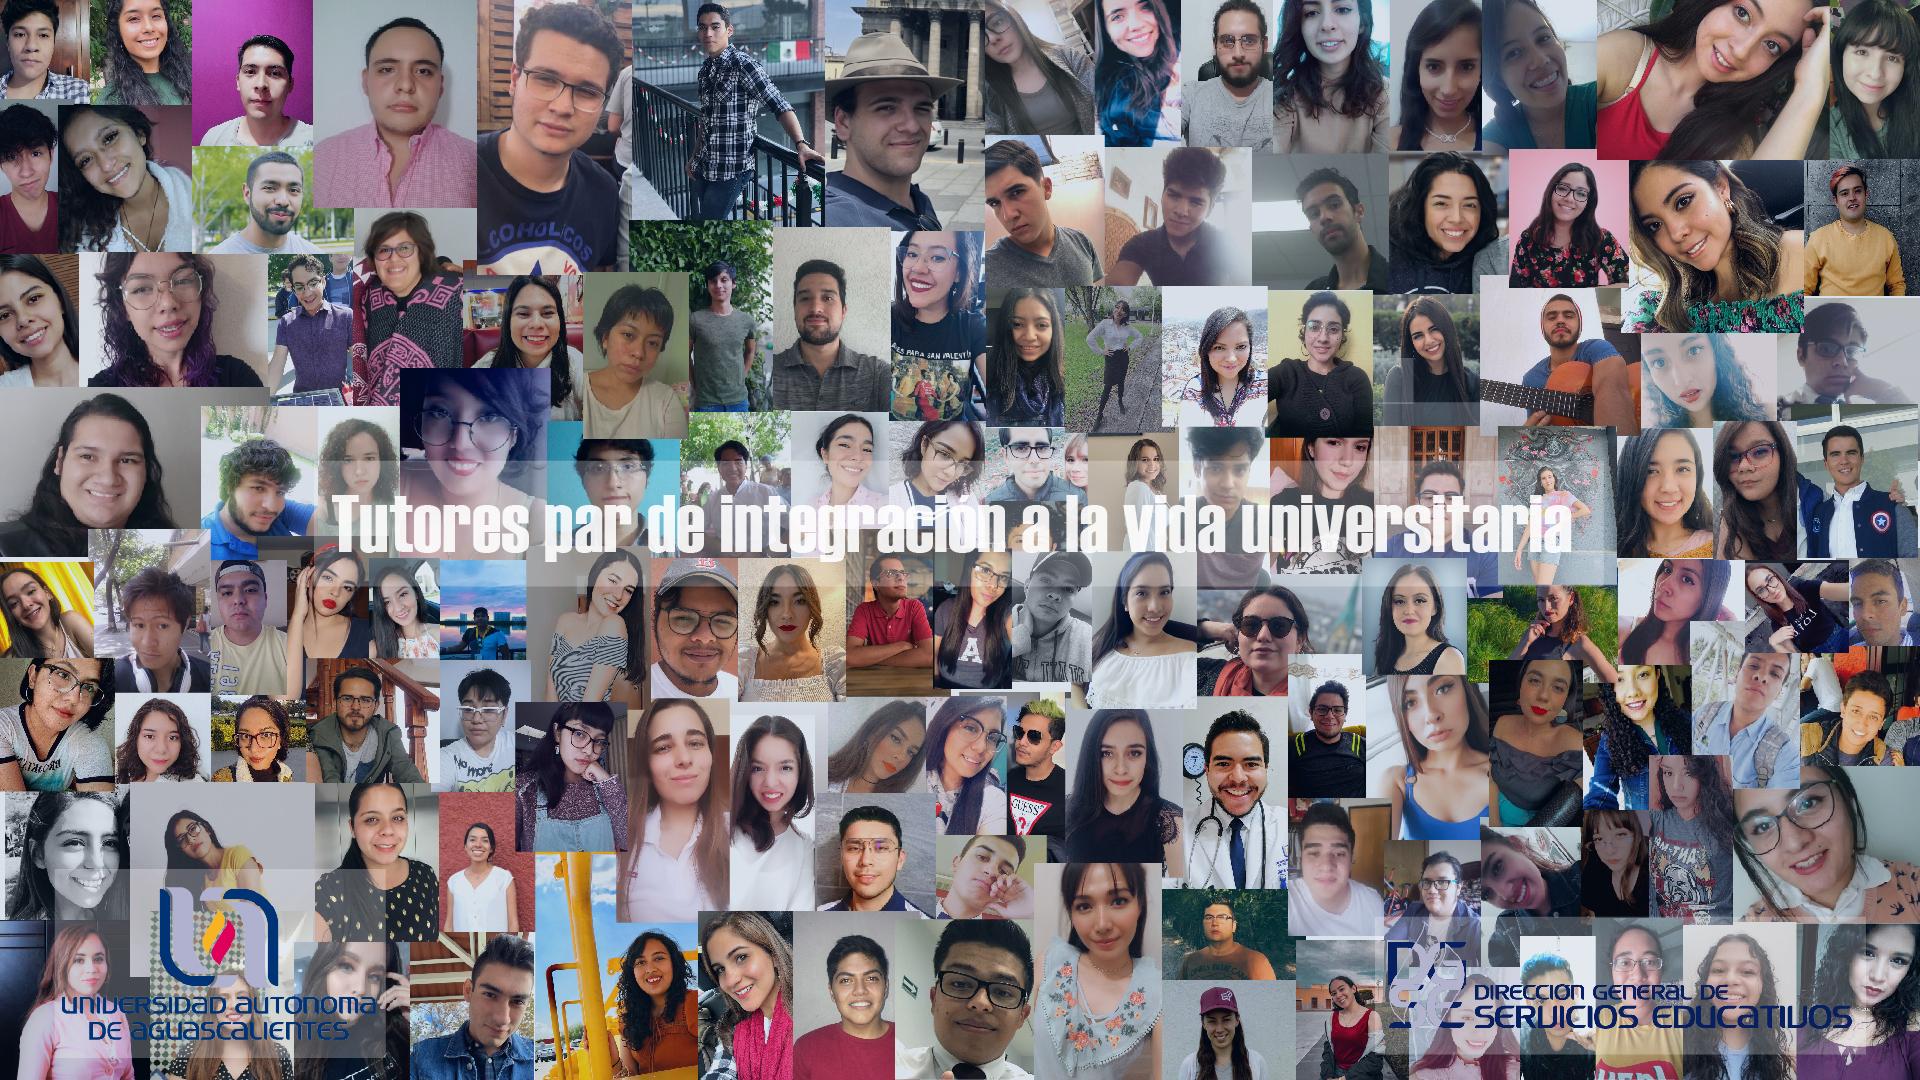 Tutores Par de Integración a la Vida Universitaria